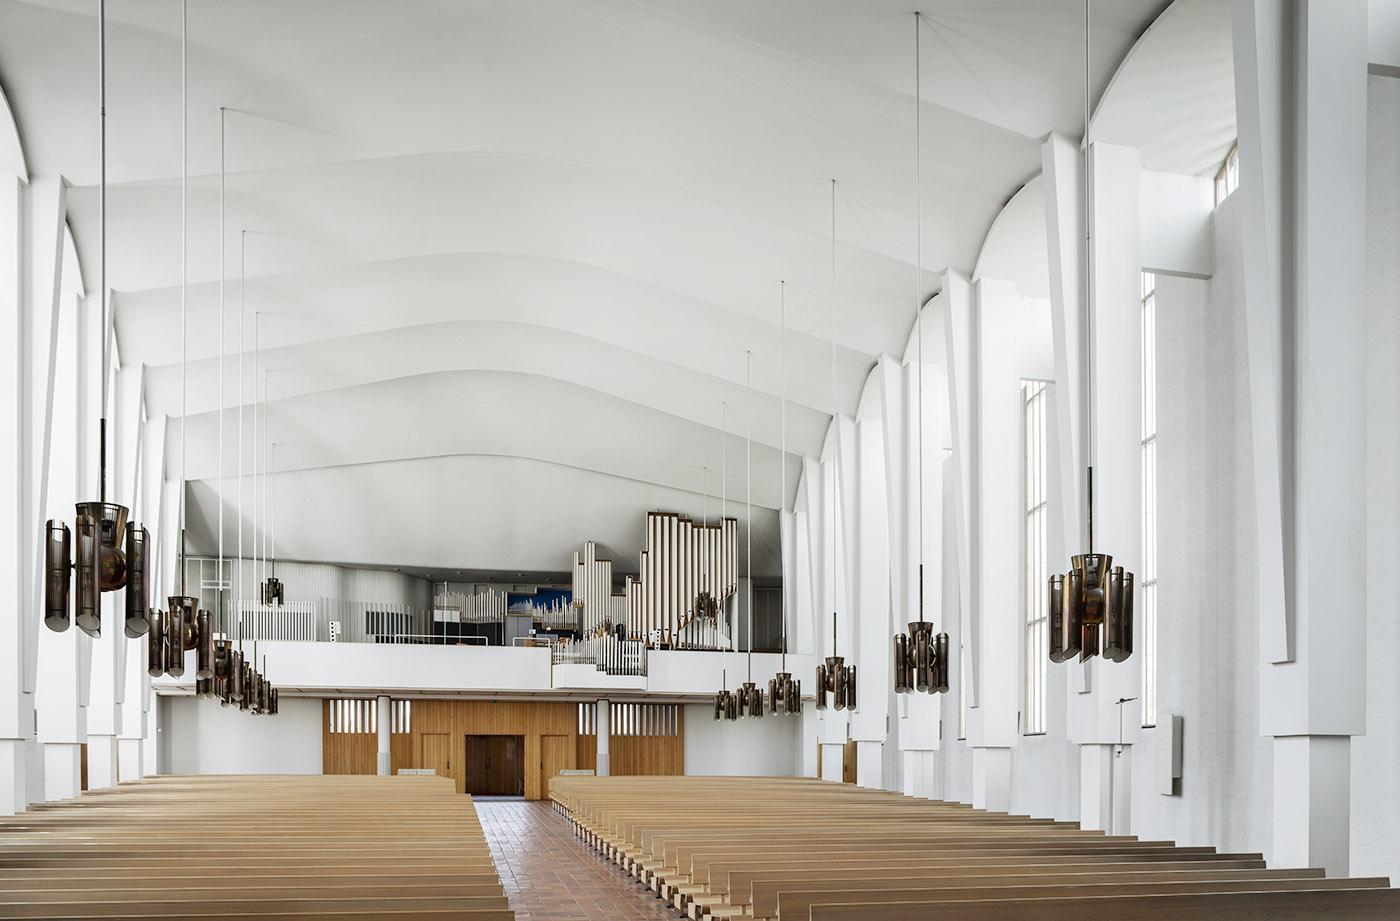 Lakeuden Ristin kirkkosalin urut